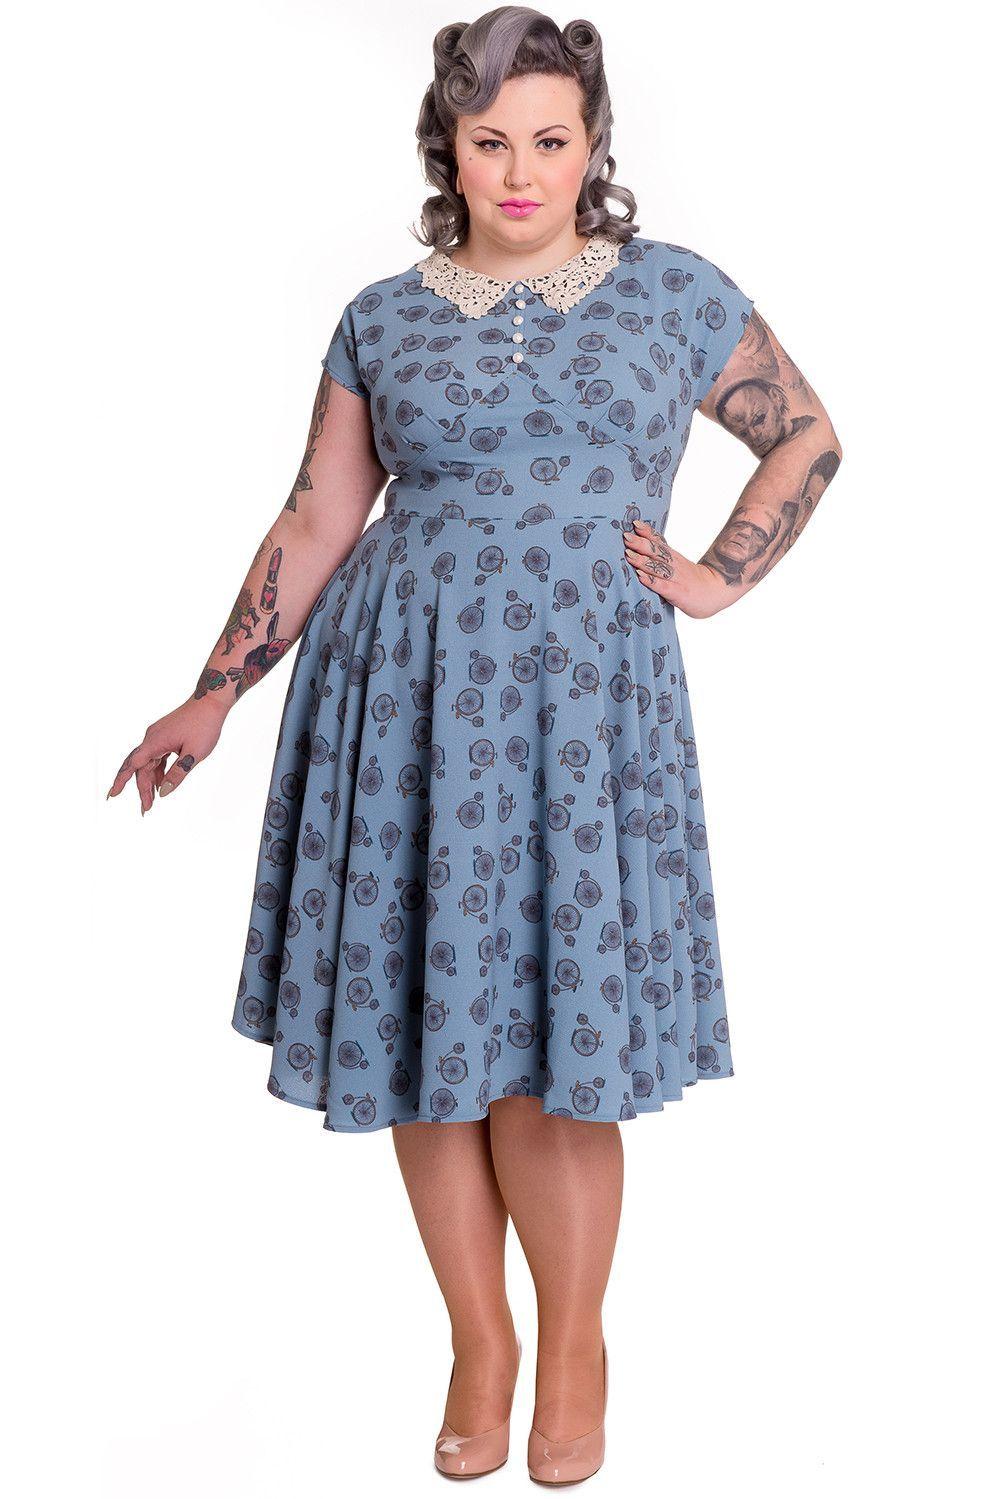 Plus size vintage tea party dresses